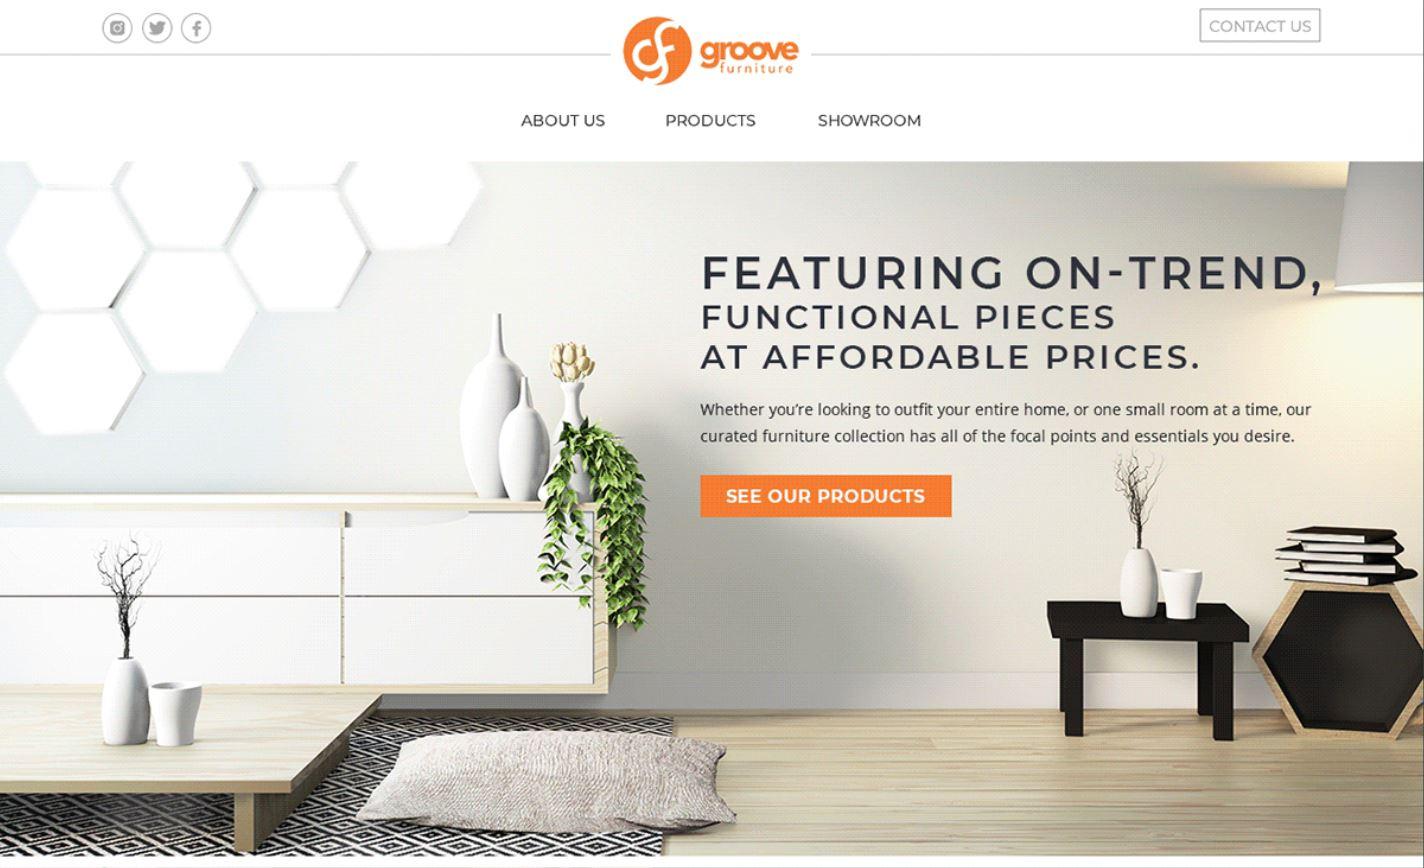 Thiết kế website công ty nội thất